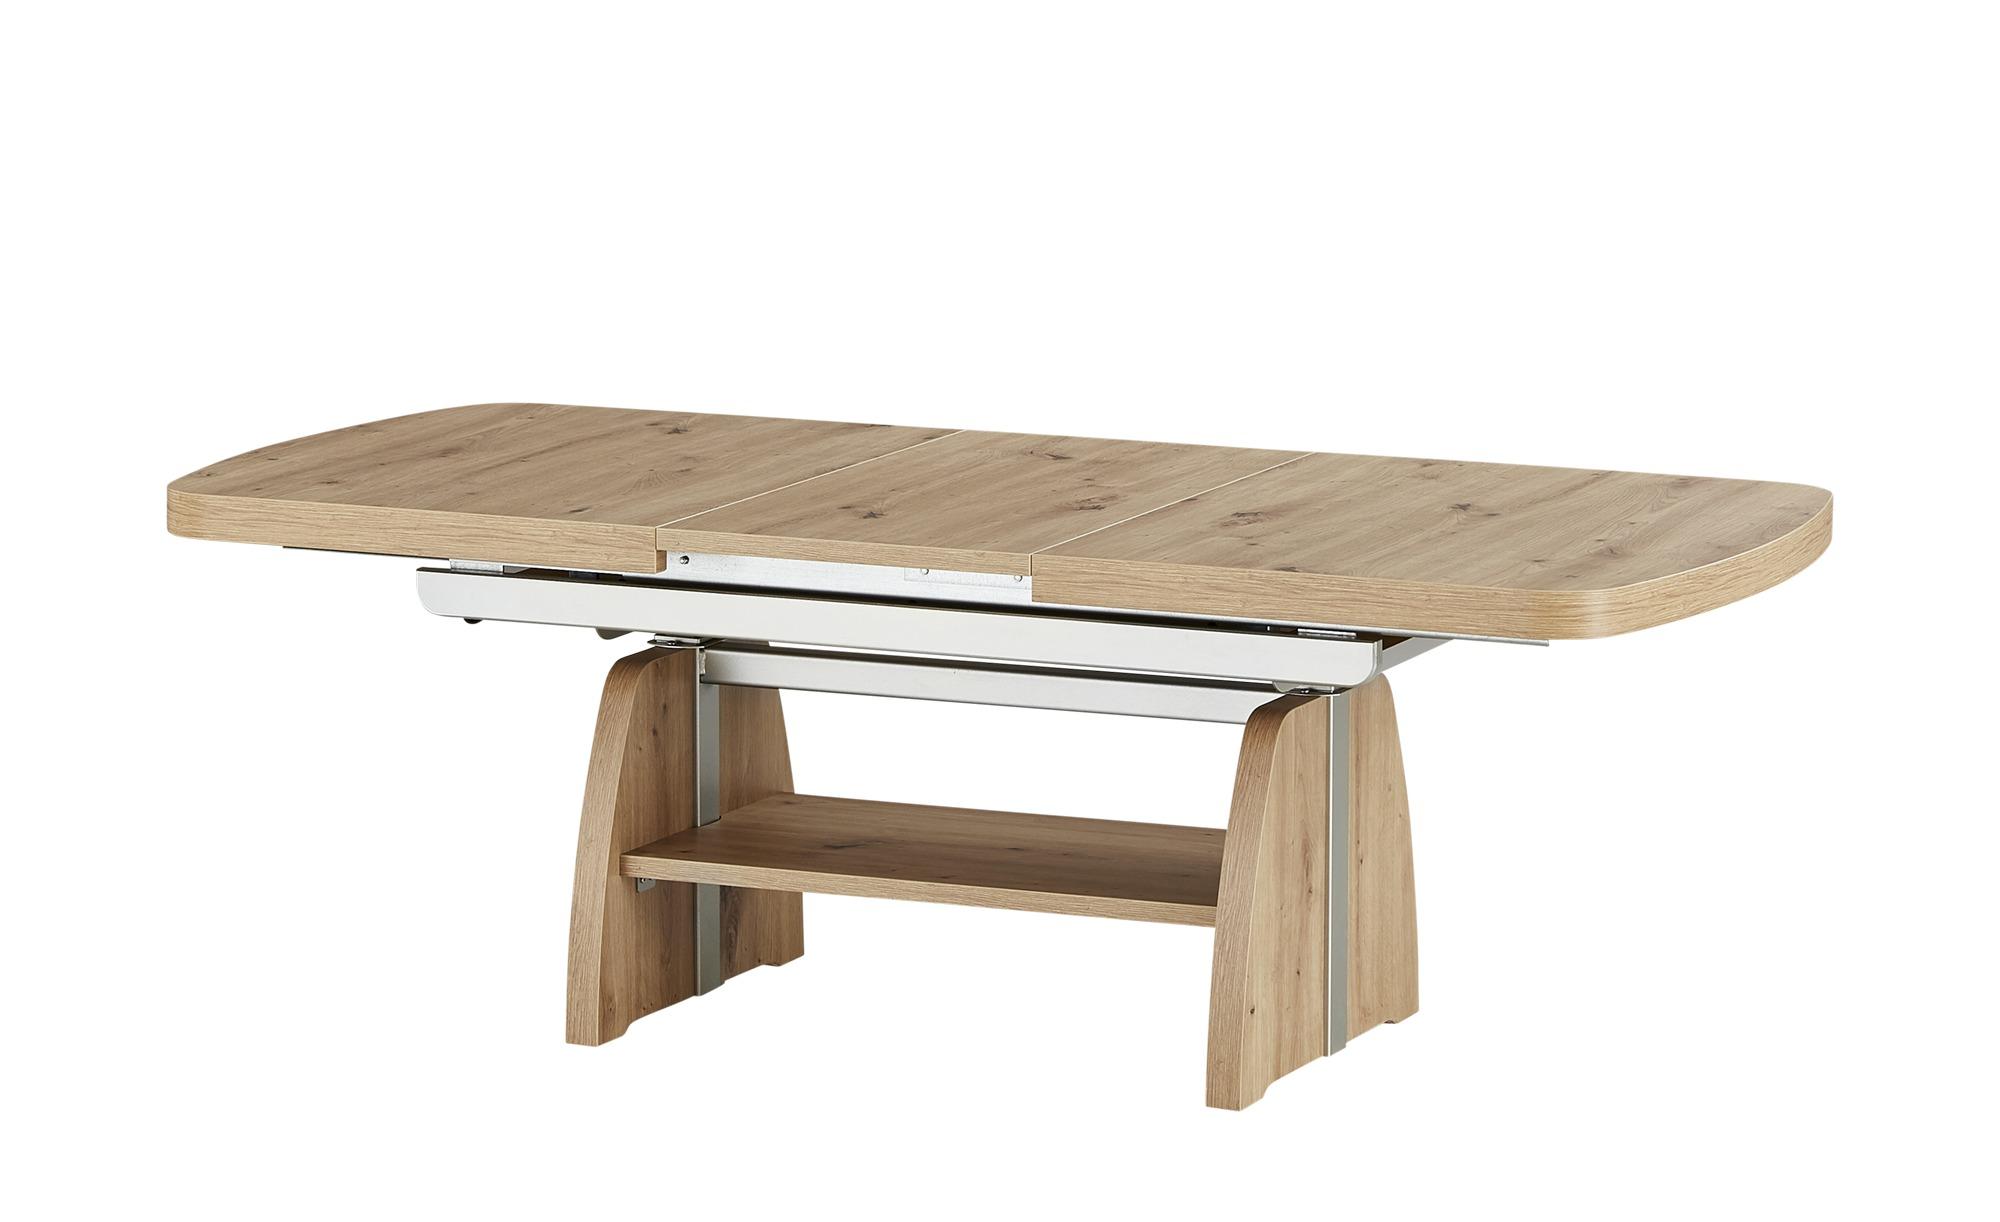 Couchtisch  Vohburg ¦ Maße (cm): B: 75 H: 55 T: 75 Tische > Couchtische > Couchtische rechteckig - Höffner